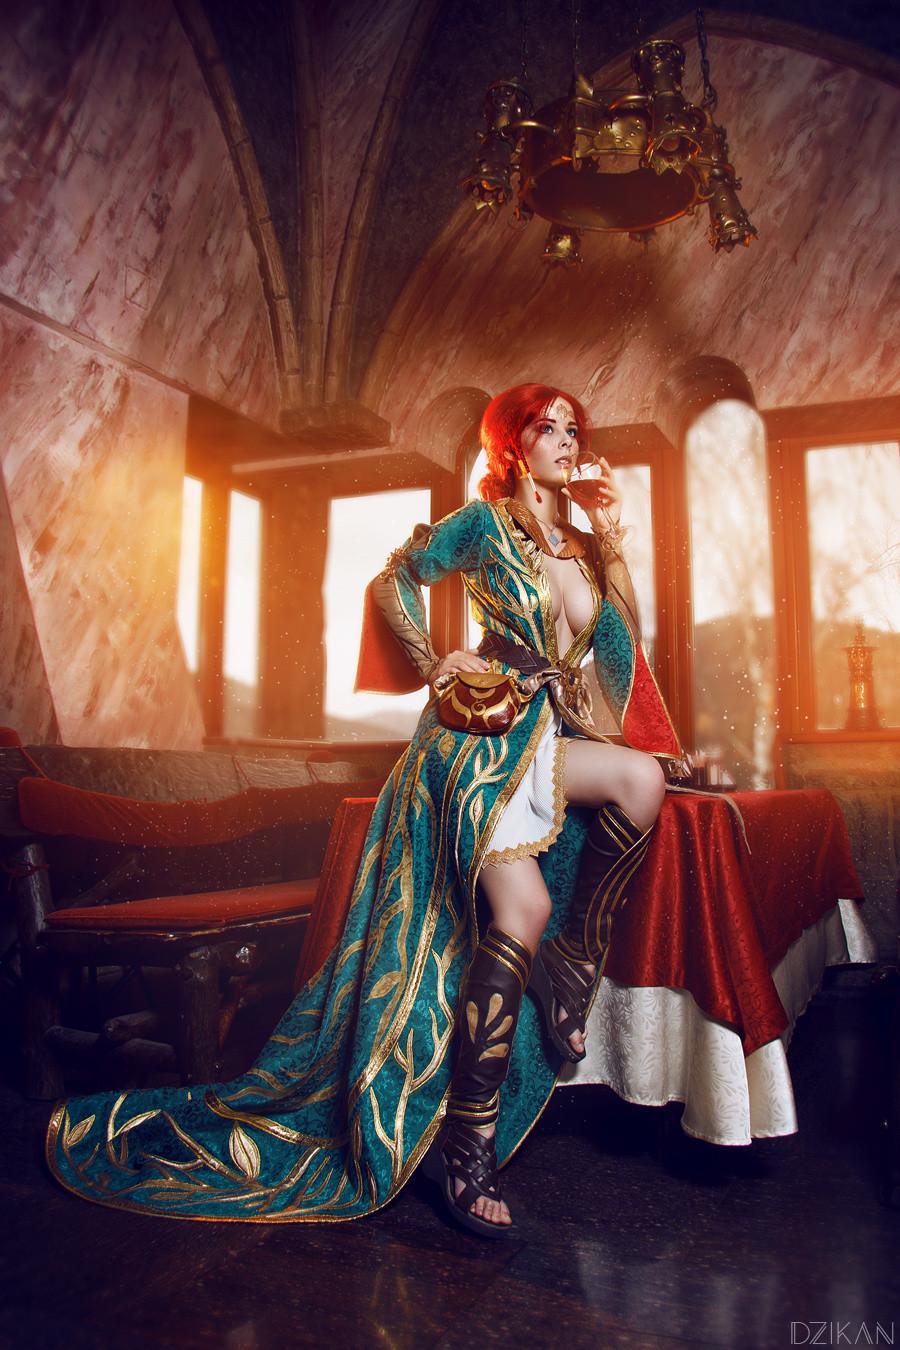 游戏资讯_俄罗斯美女Cos《巫师3》特莉丝 半露酥胸美背撩人吸睛_3DM单机